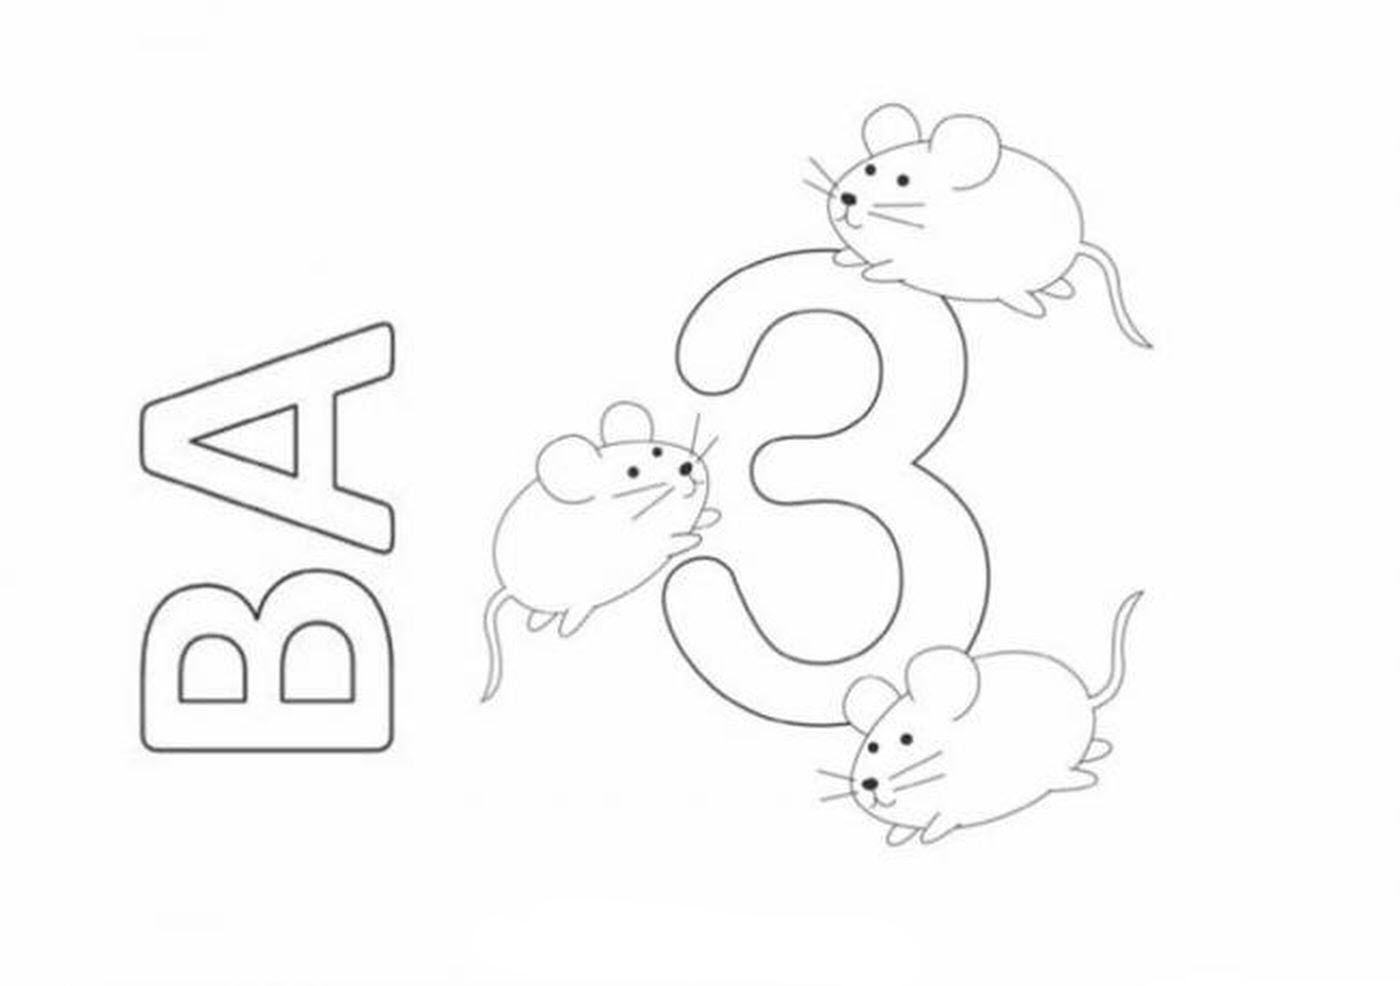 Tranh tô màu chữ số 3 - Ba chú chuột